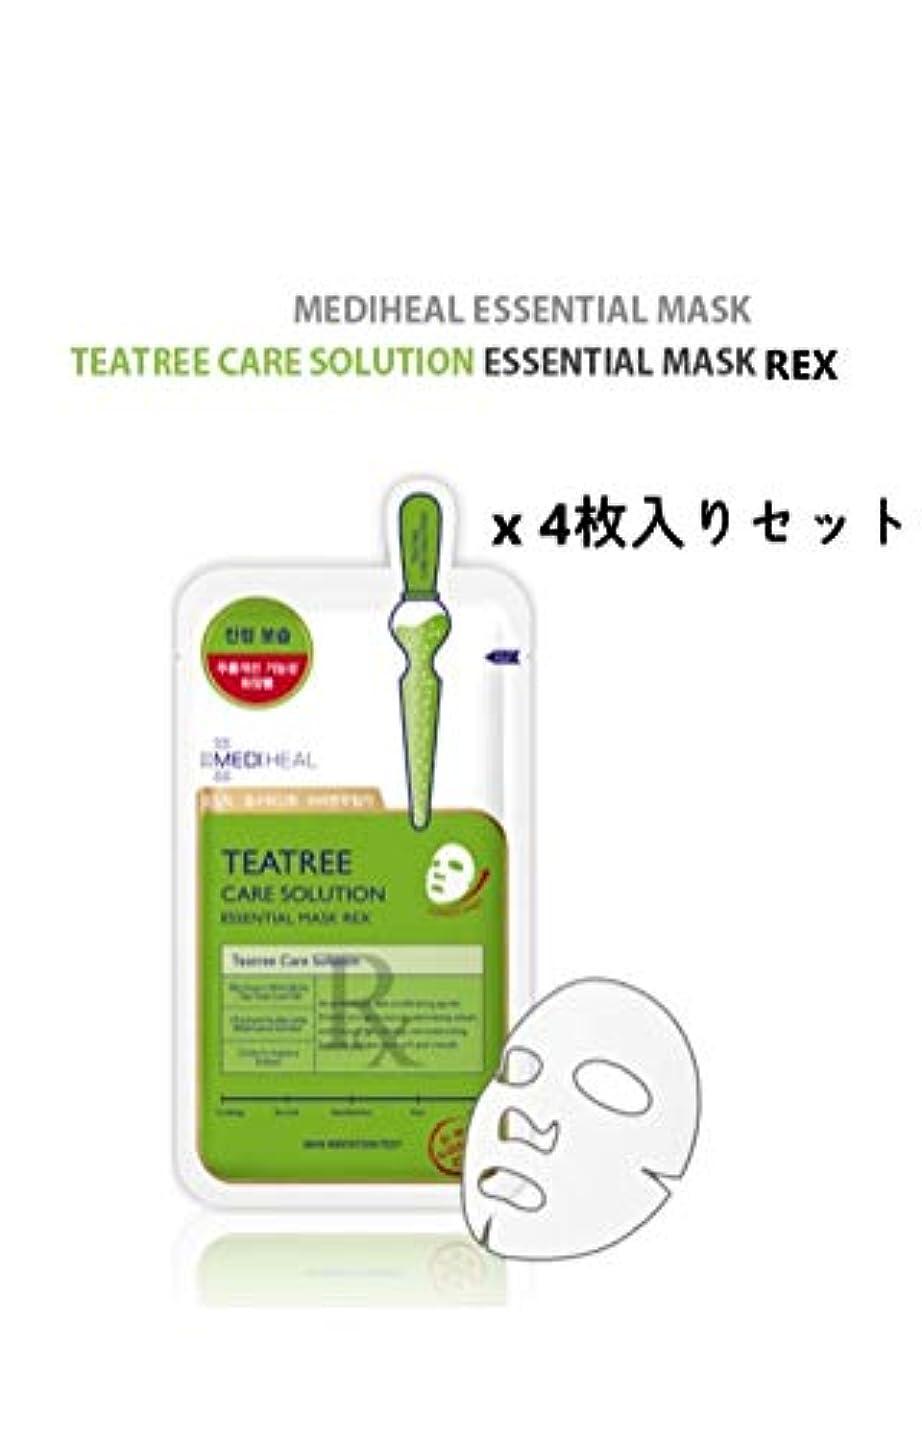 入札放棄シャトルMEDI HEAL☆Teatree Care Solution essential mask REX(4pcs)☆ メディヒール ティーツリーケア ソルーション エッセンシャルマスクREX(4枚入り) [並行輸入品]